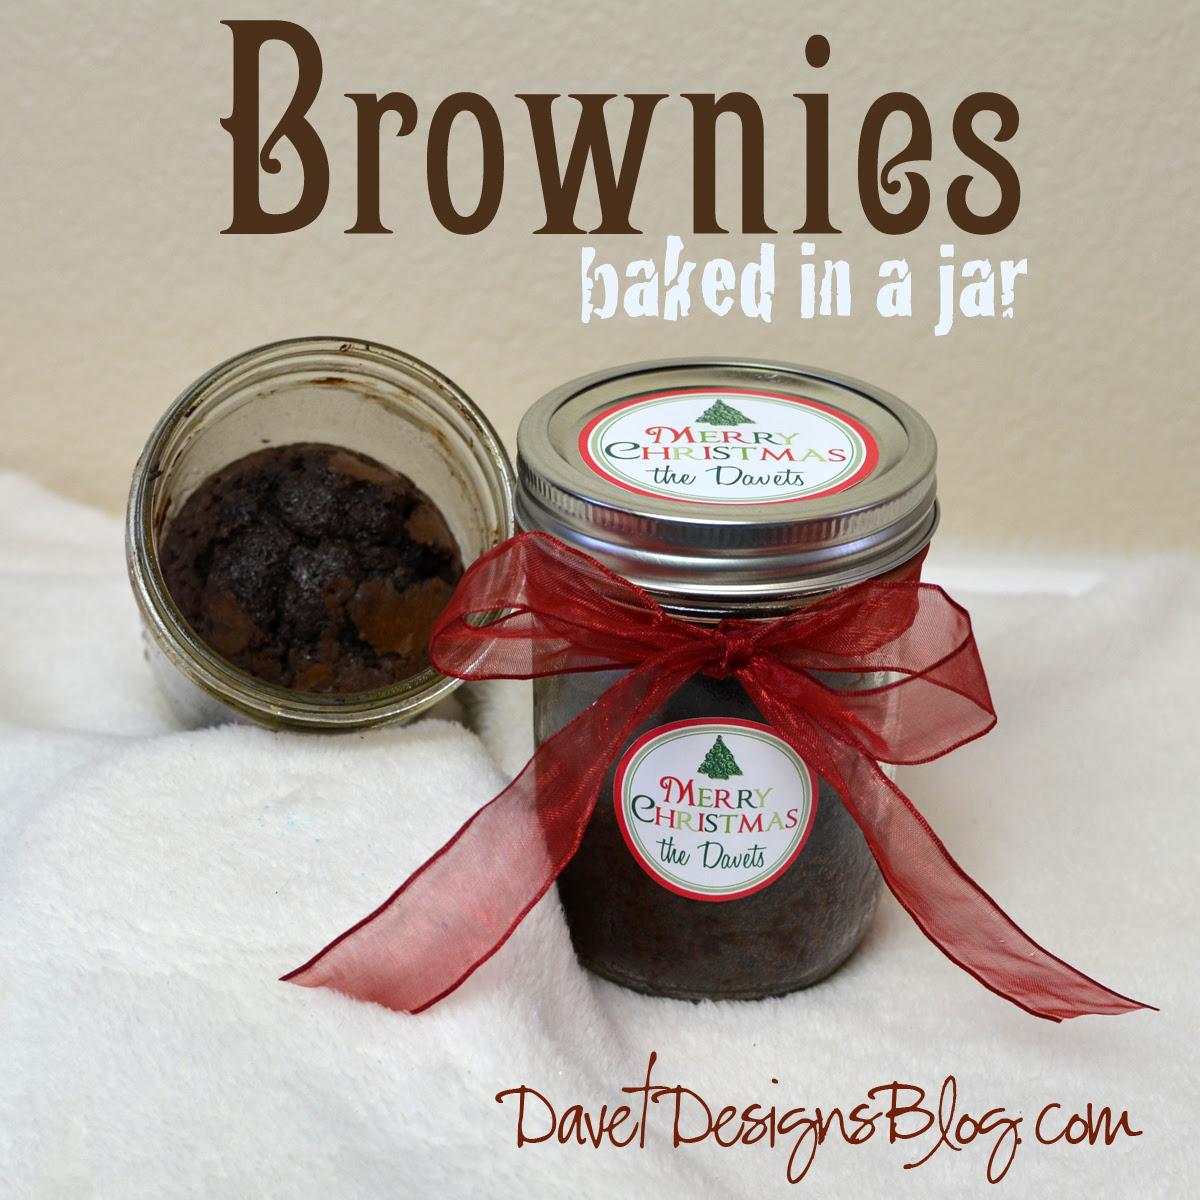 Brownies Baked in a Jar